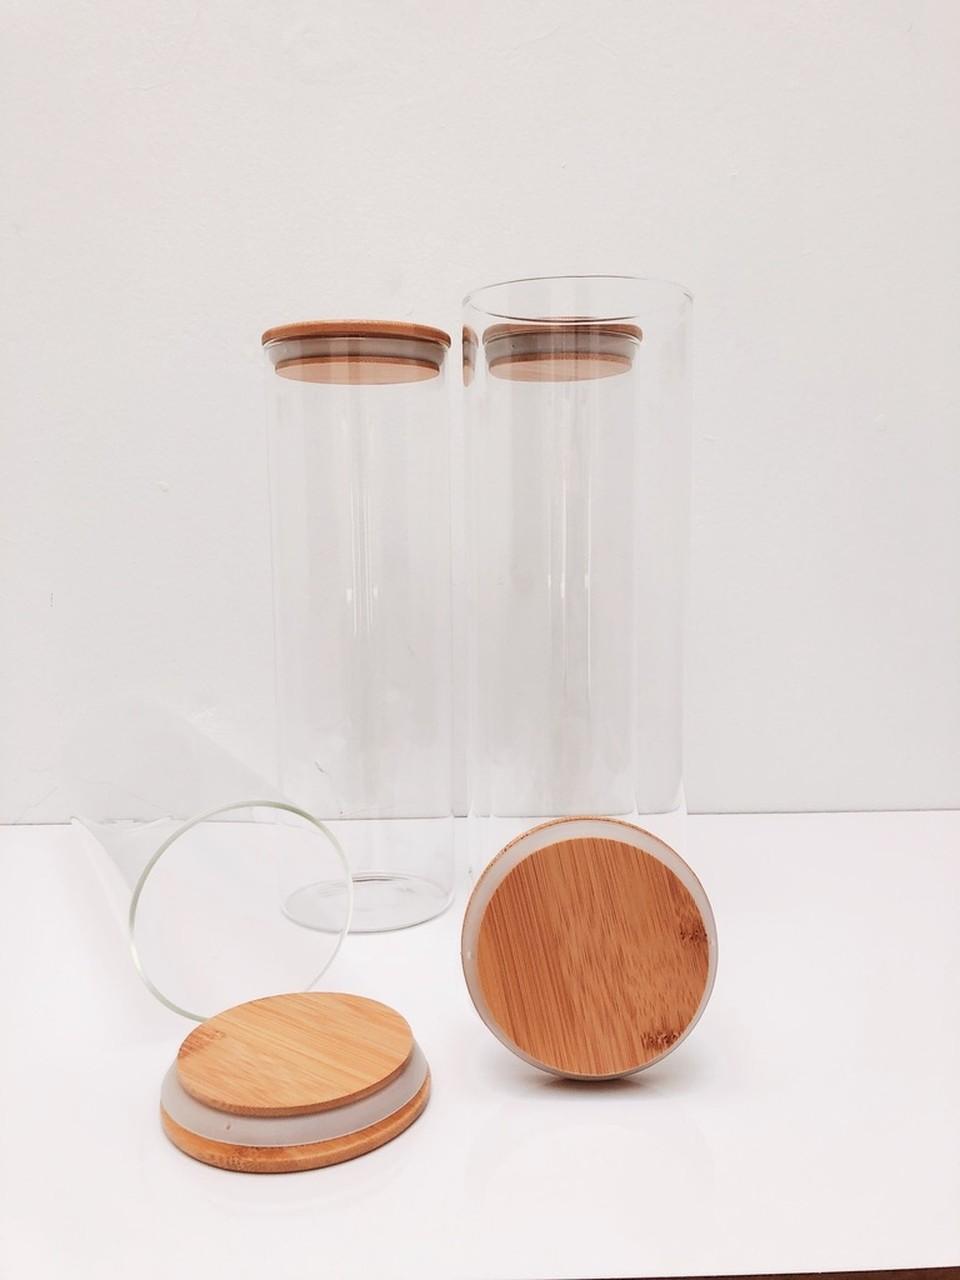 Kit Pote de Vidro com Tampa de Bambu 2000ml - 4 Peças  - CASACOBRE